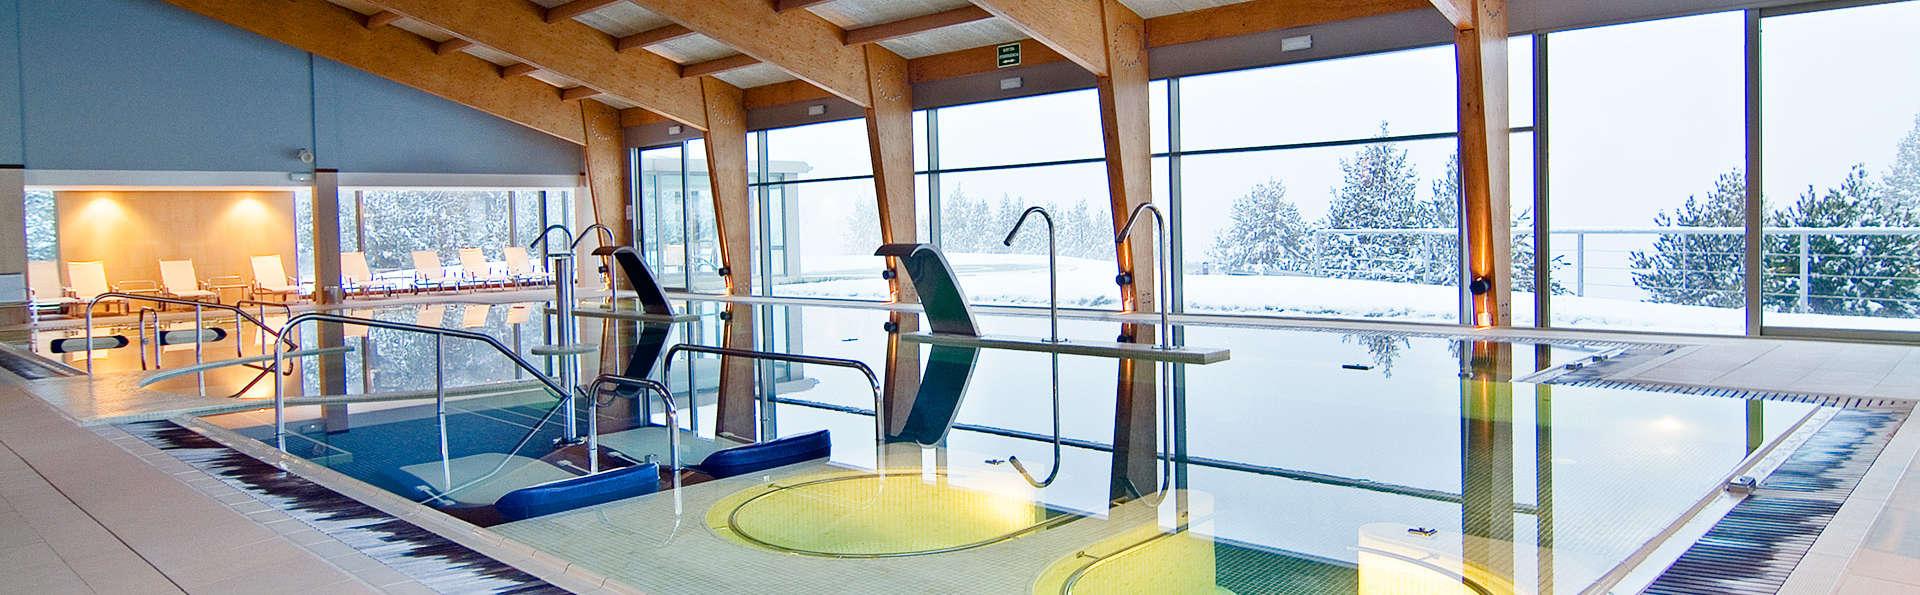 Hotel y Spa Sercotel La Collada - EDIT_spa2.jpg